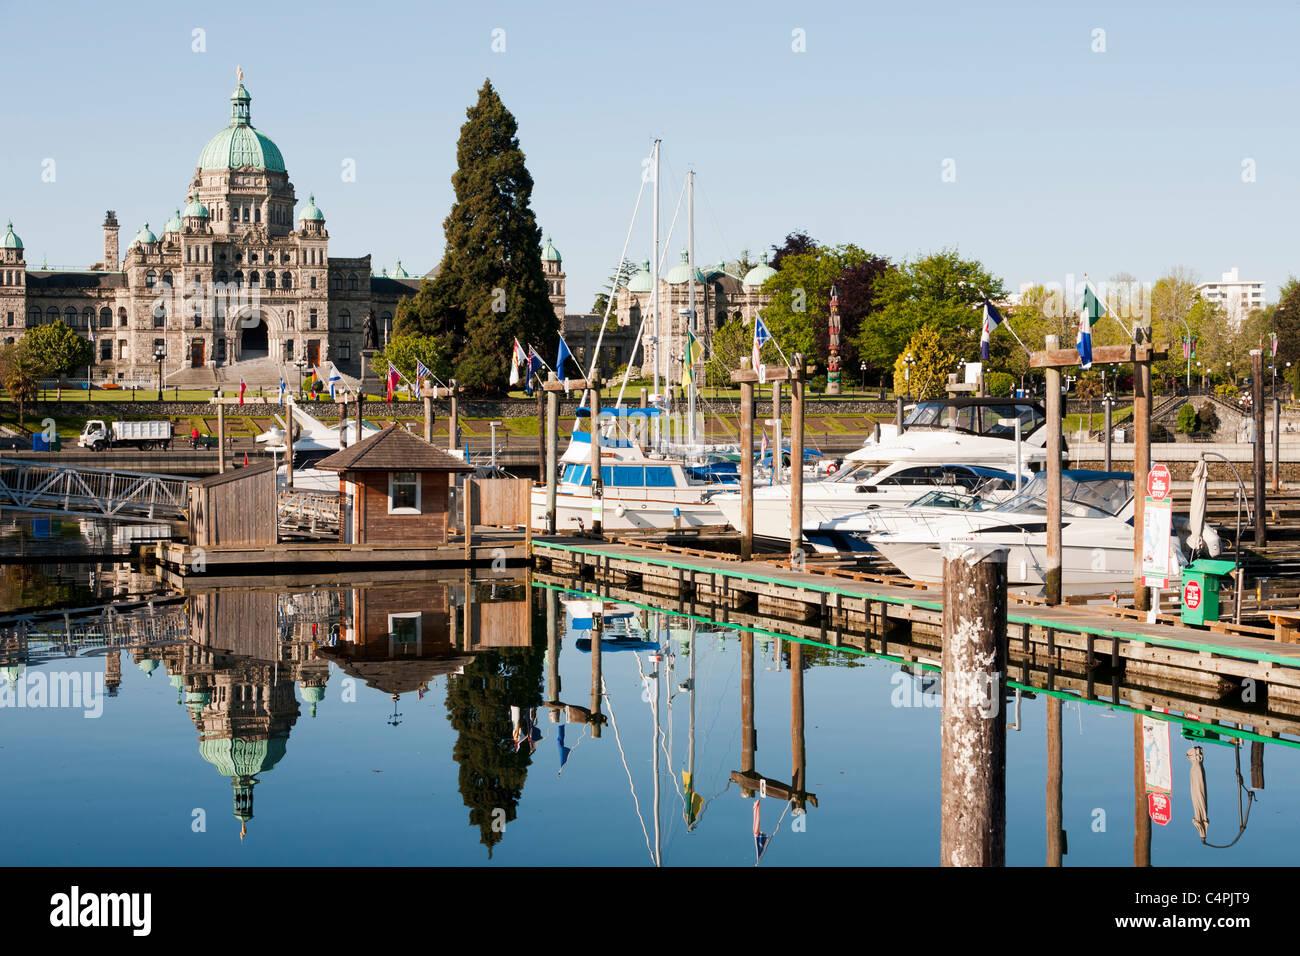 Port intérieur et bâtiment du parlement. Victoria, île de Vancouver, Colombie-Britannique, Canada. Photo Stock